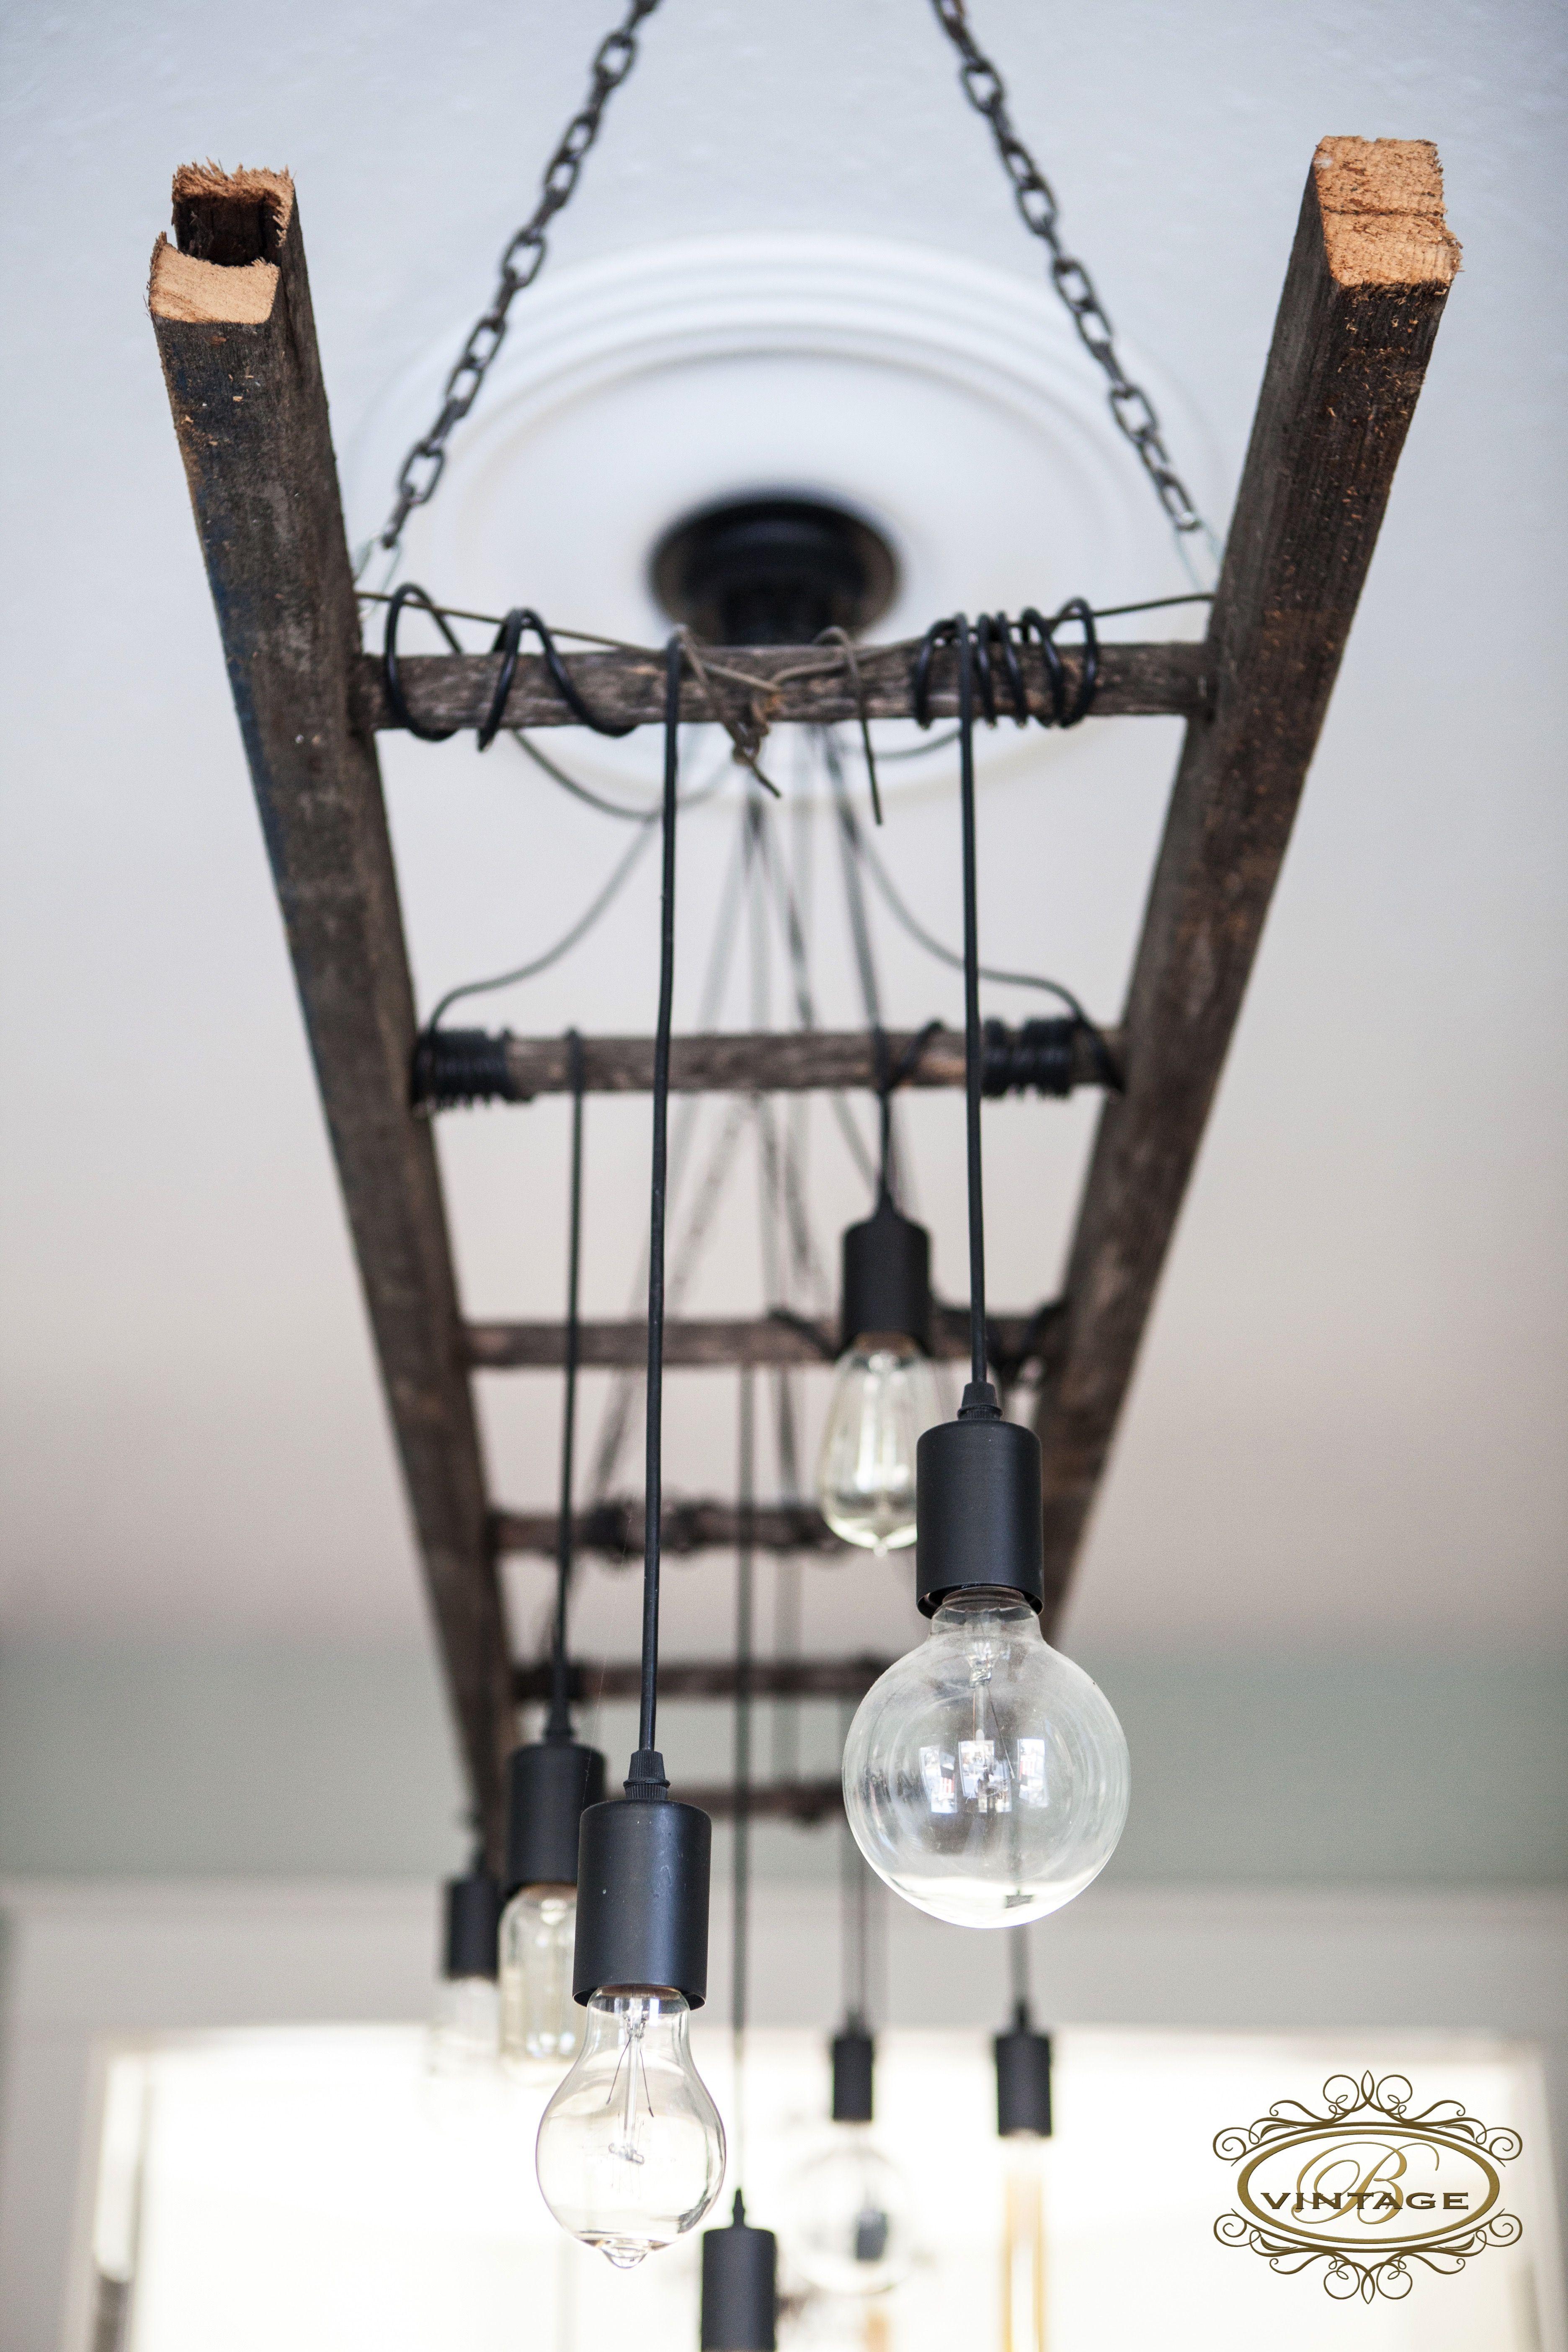 Edison Chandelier Edison Bulb Ladder Light Industrial Decor